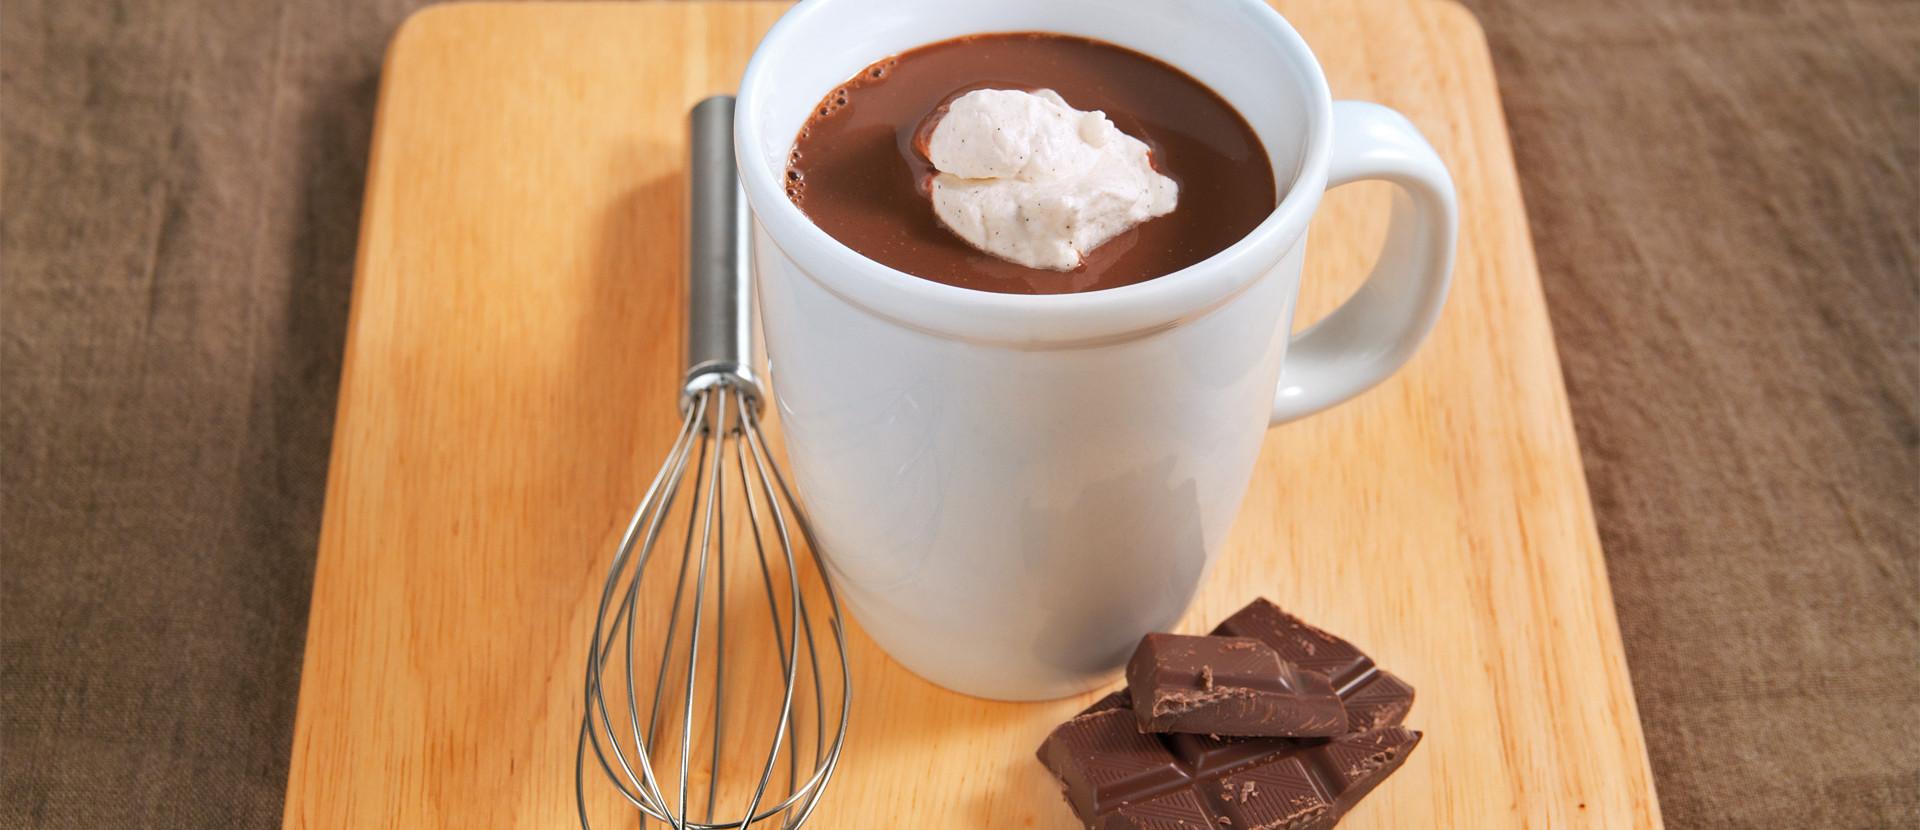 Heisse Hafer Gewuerz Schokolade